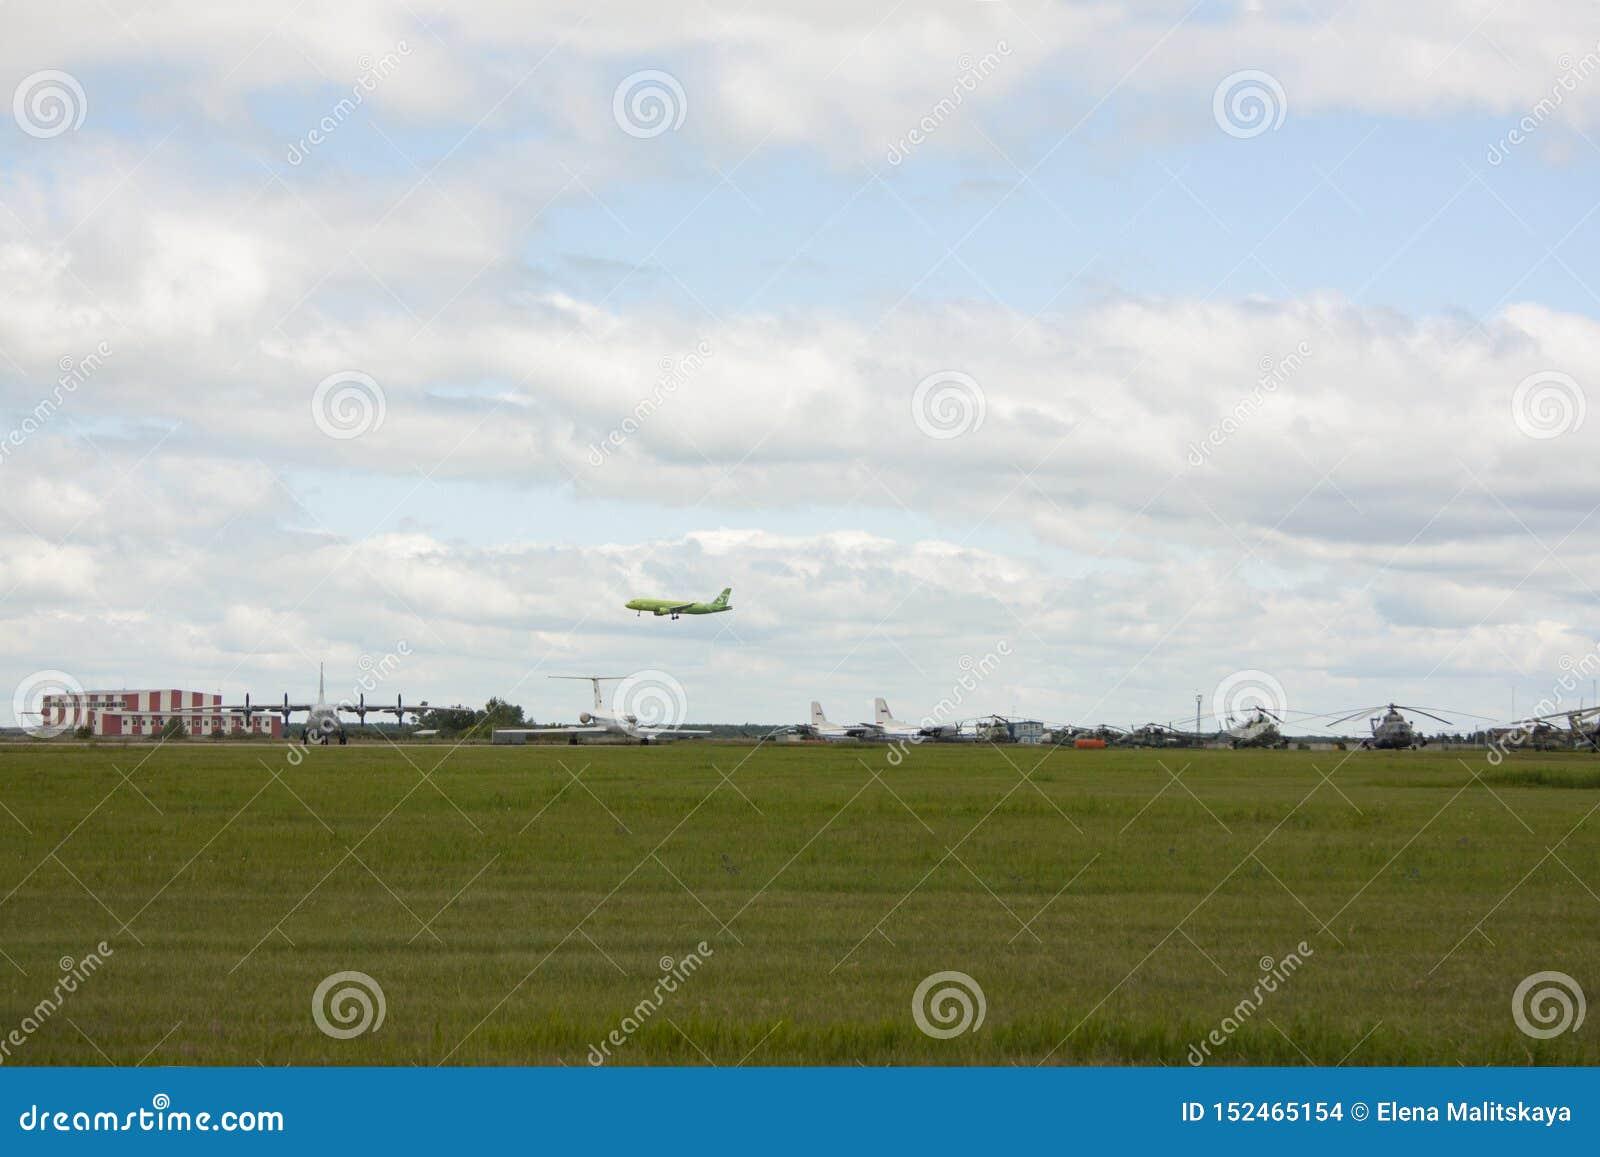 Το αεροδρόμιο, υπάρχουν ελικόπτερα και αεροπλάνα